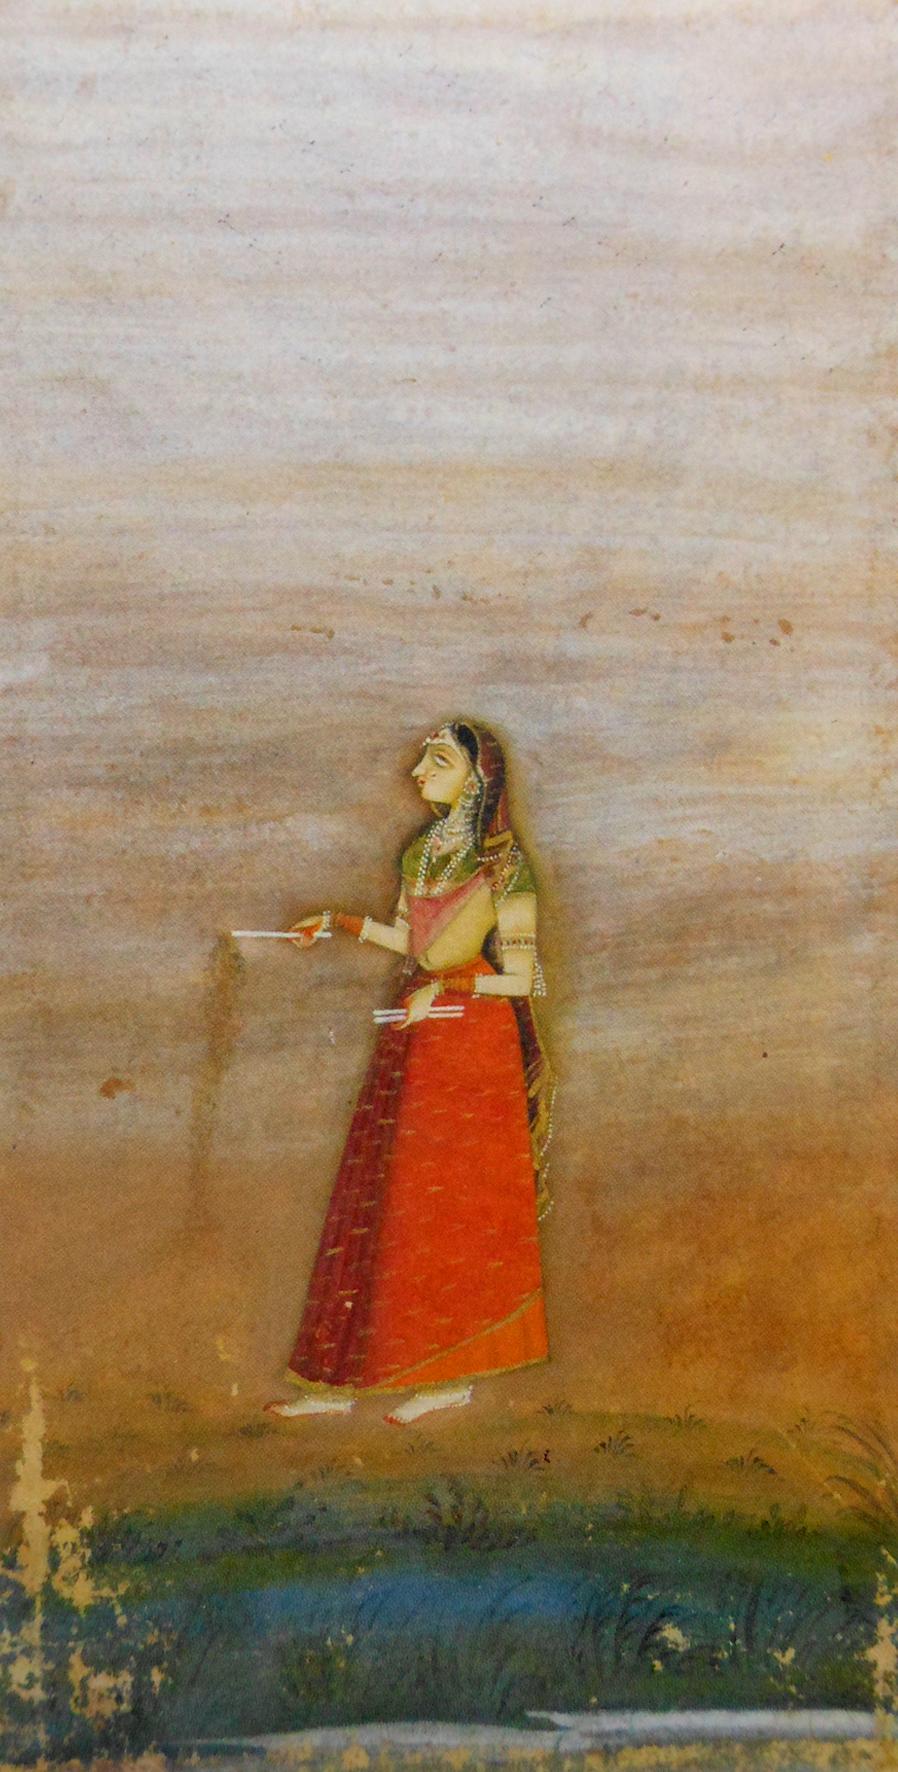 『花火をする盲目の女』(ビカネール派 1720年頃)